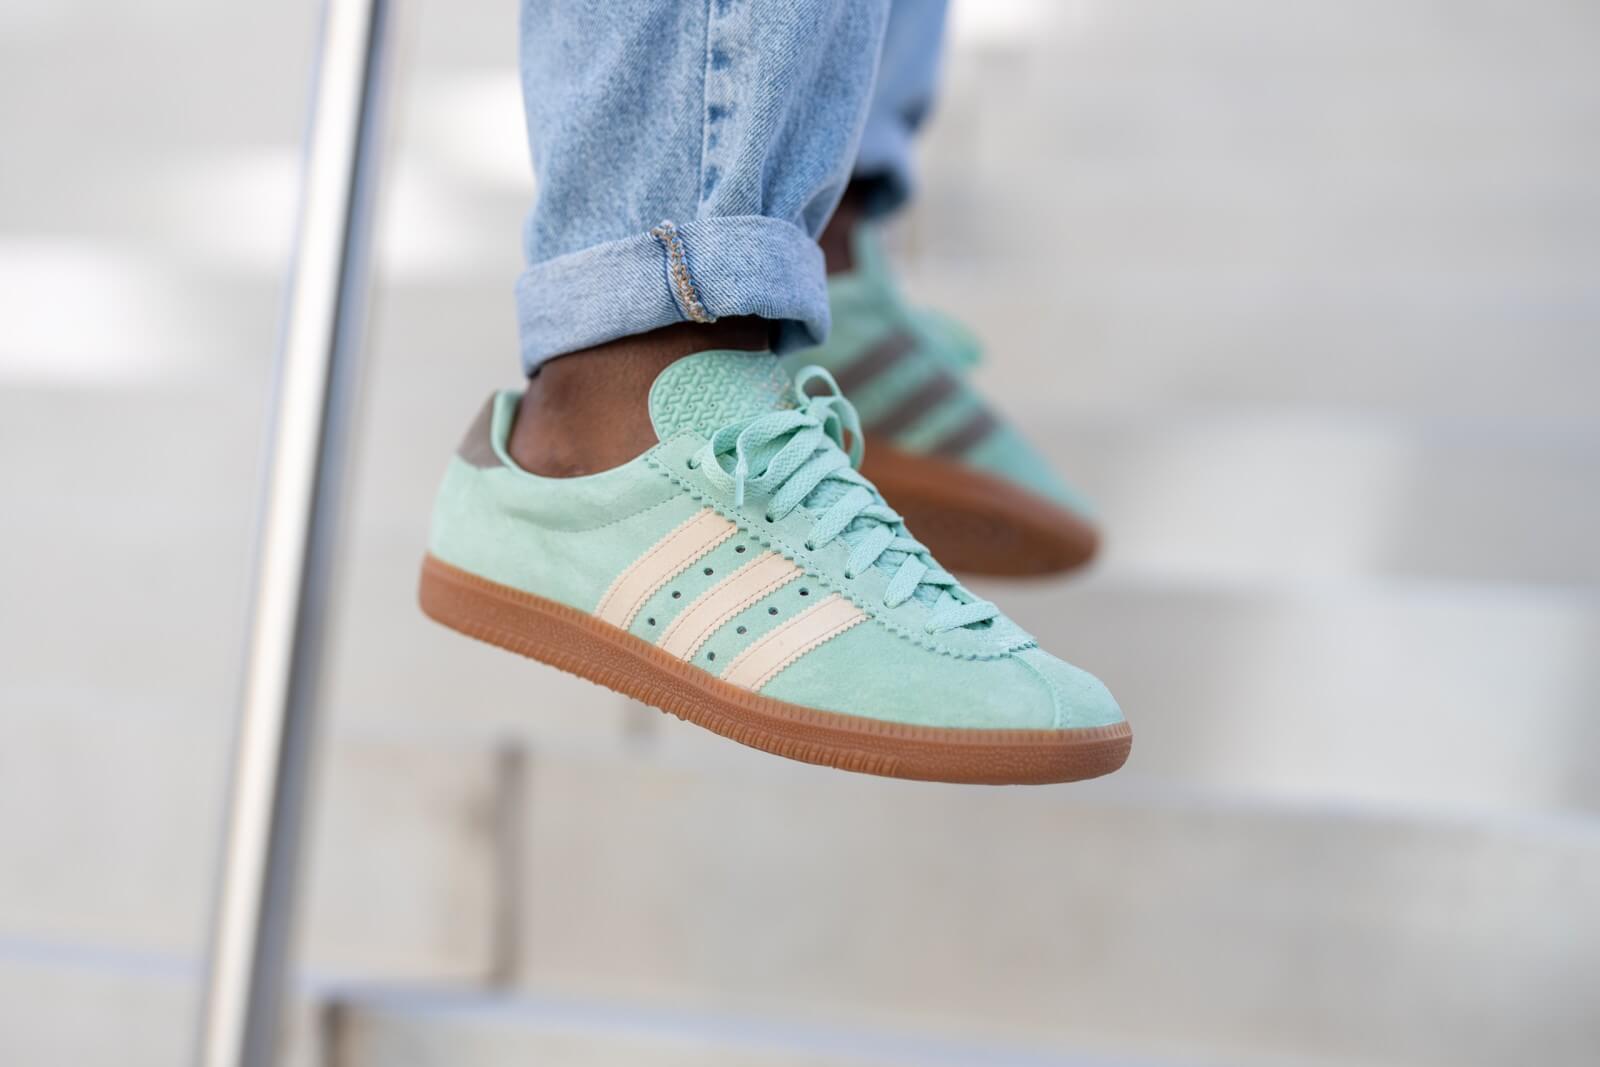 Adidas Padiham Blush Green/Simple Brown